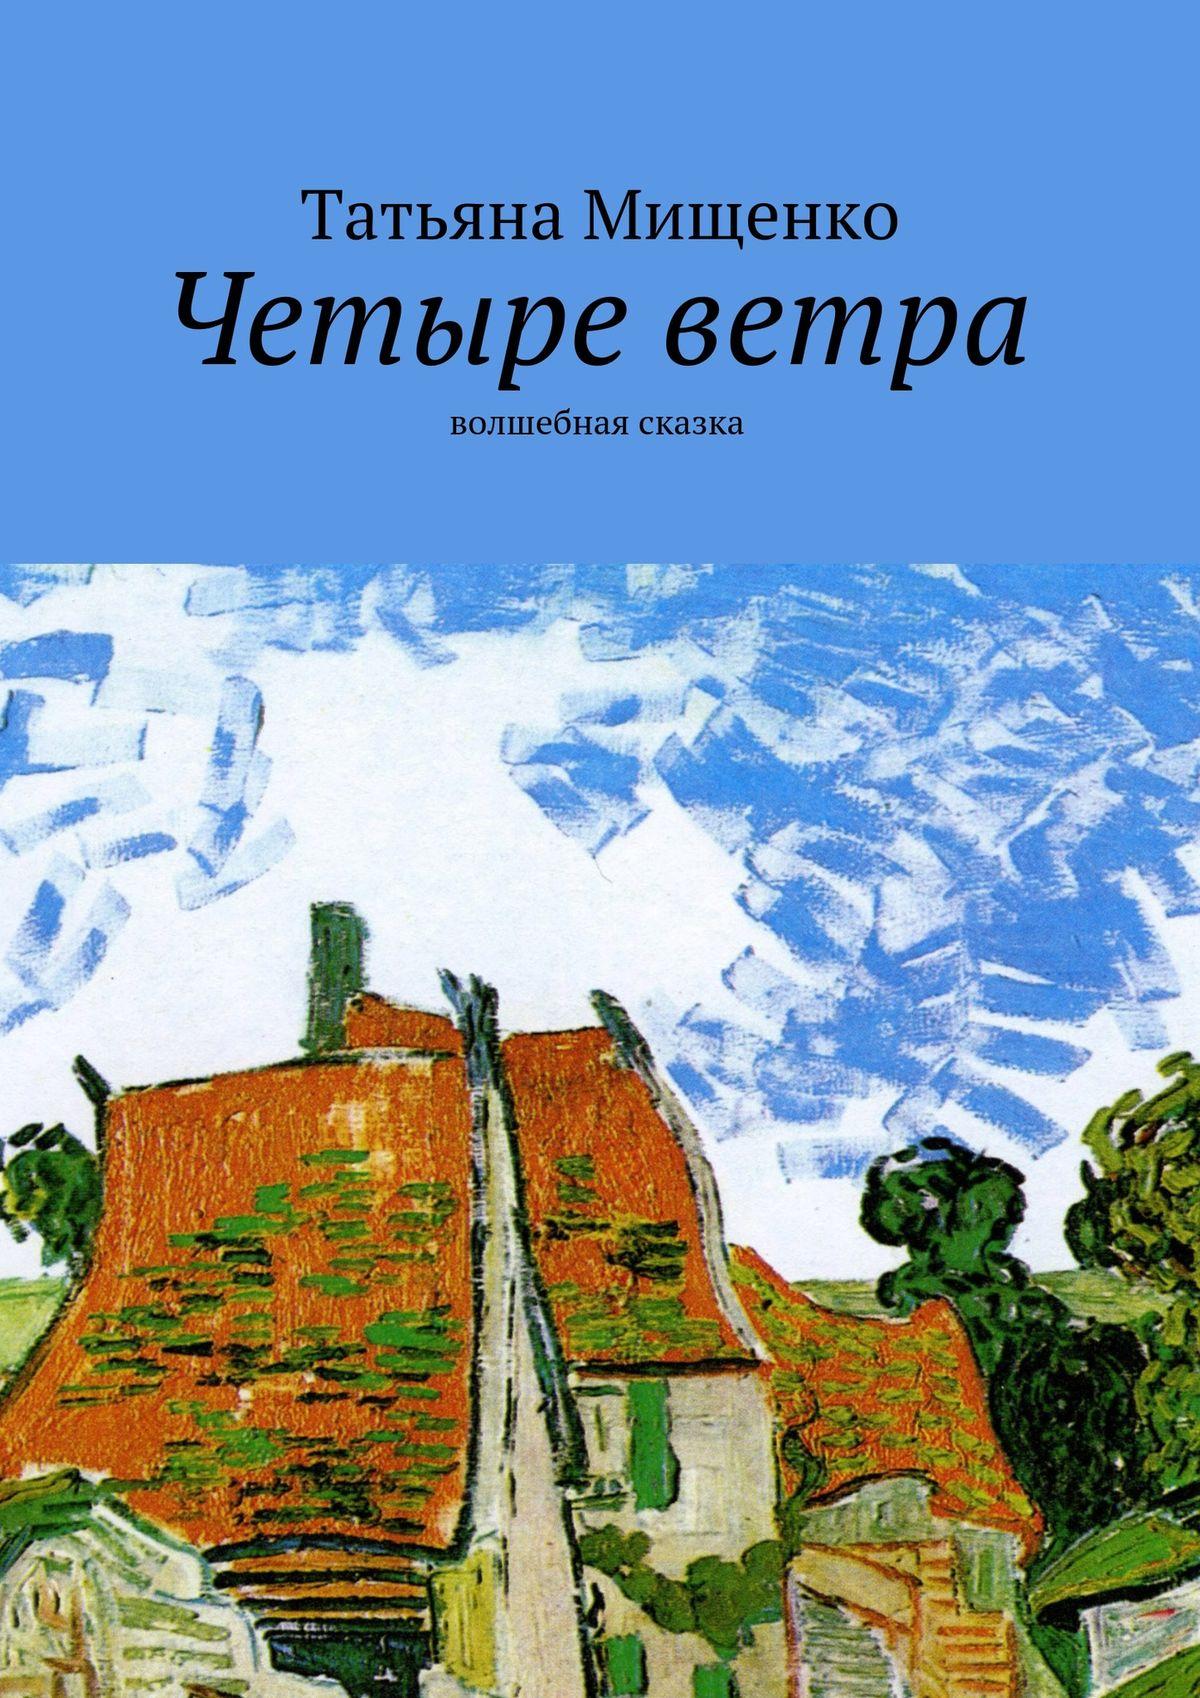 Татьяна Мищенко Четыре ветра. волшебная сказка сертификат на исполнение заветного желания мужчине